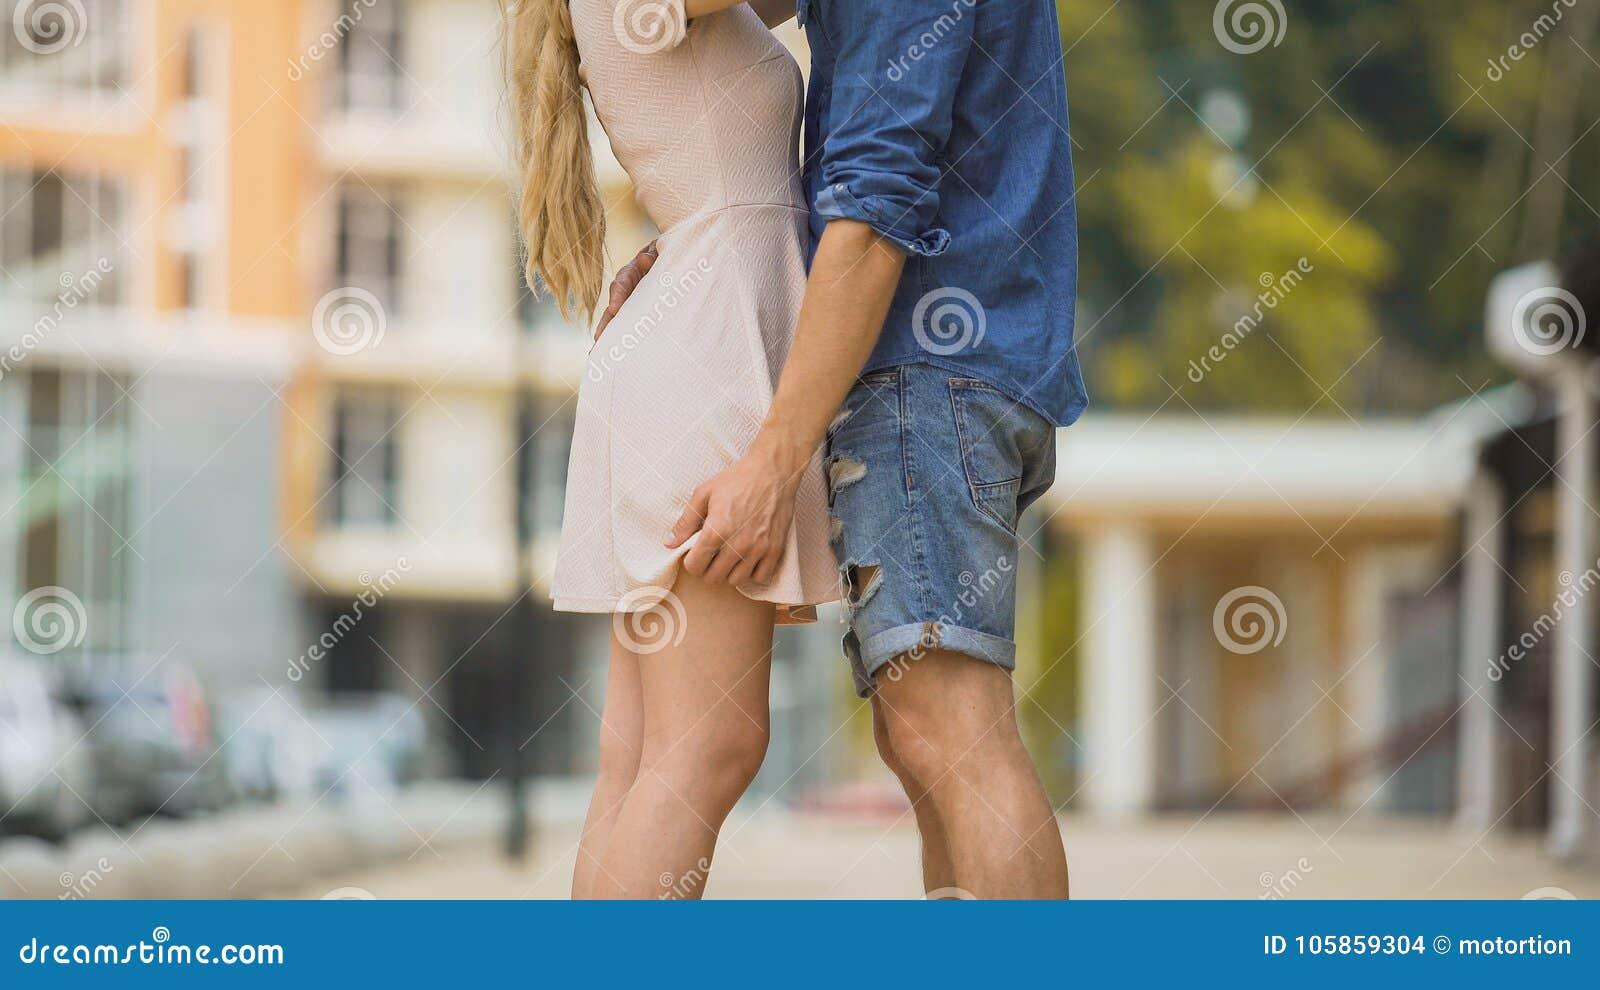 Verbinden Sie in der Stadtstraße, zartes Verhältnis, safer Sex leidenschaftlich umfassen